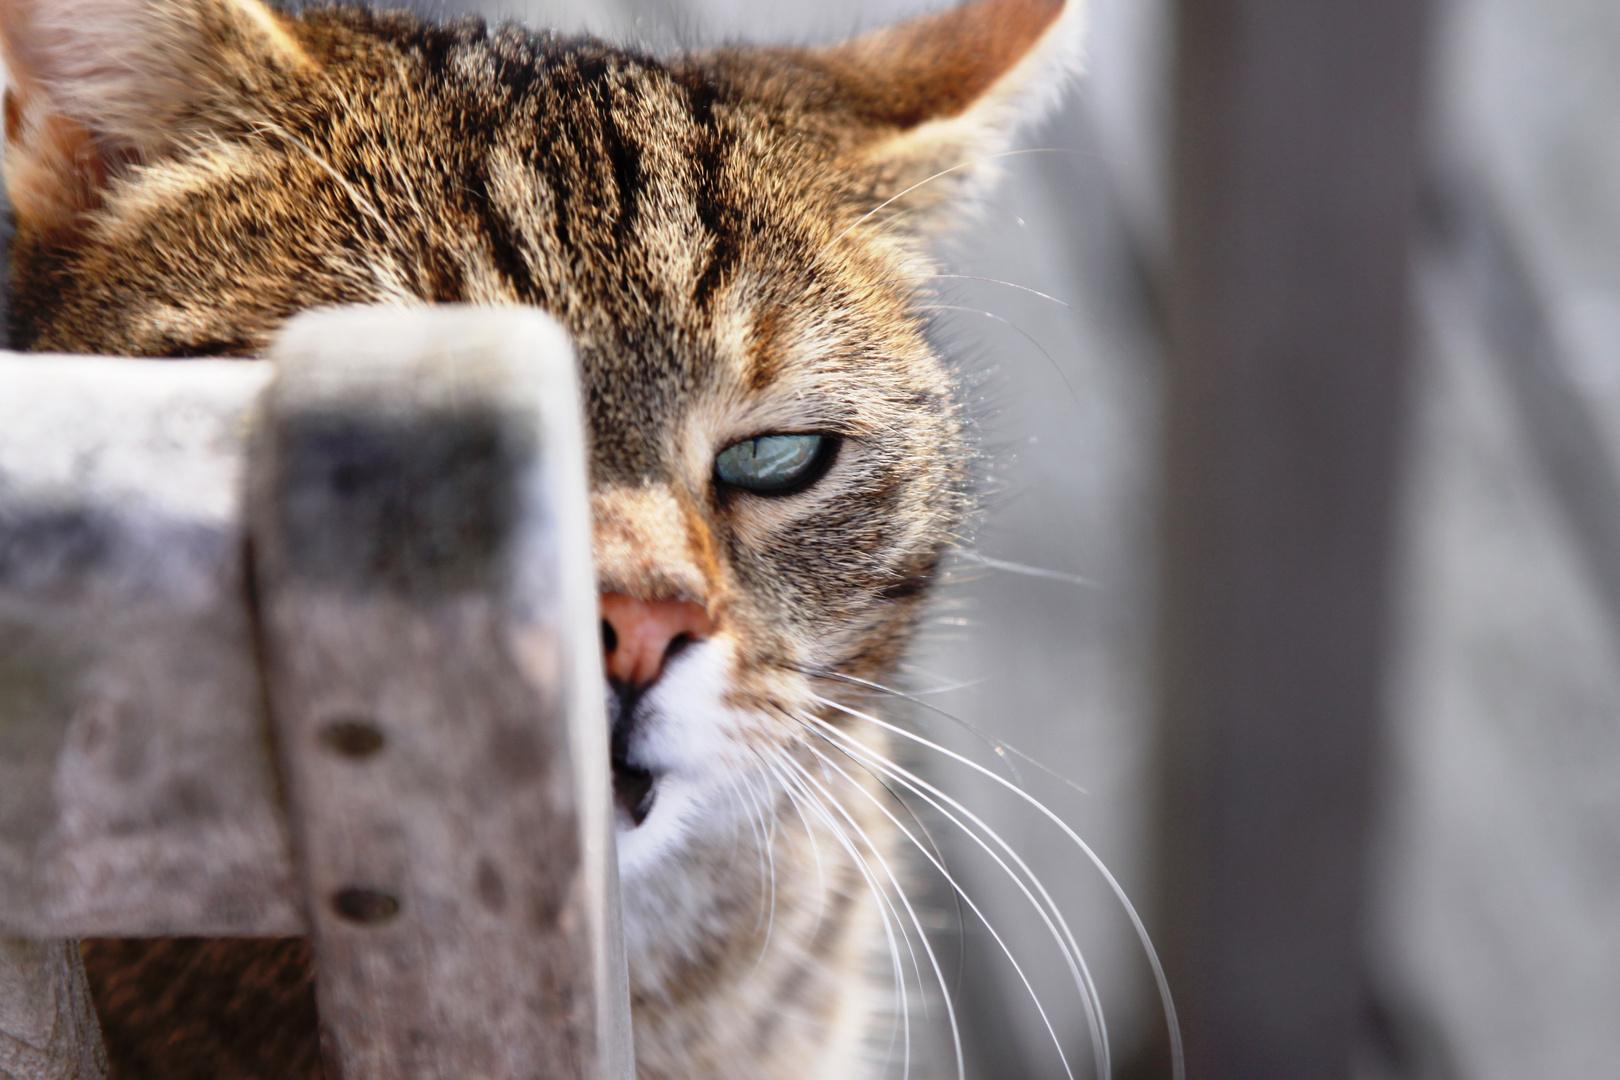 Schleichender Tiger auf Mäusejagd